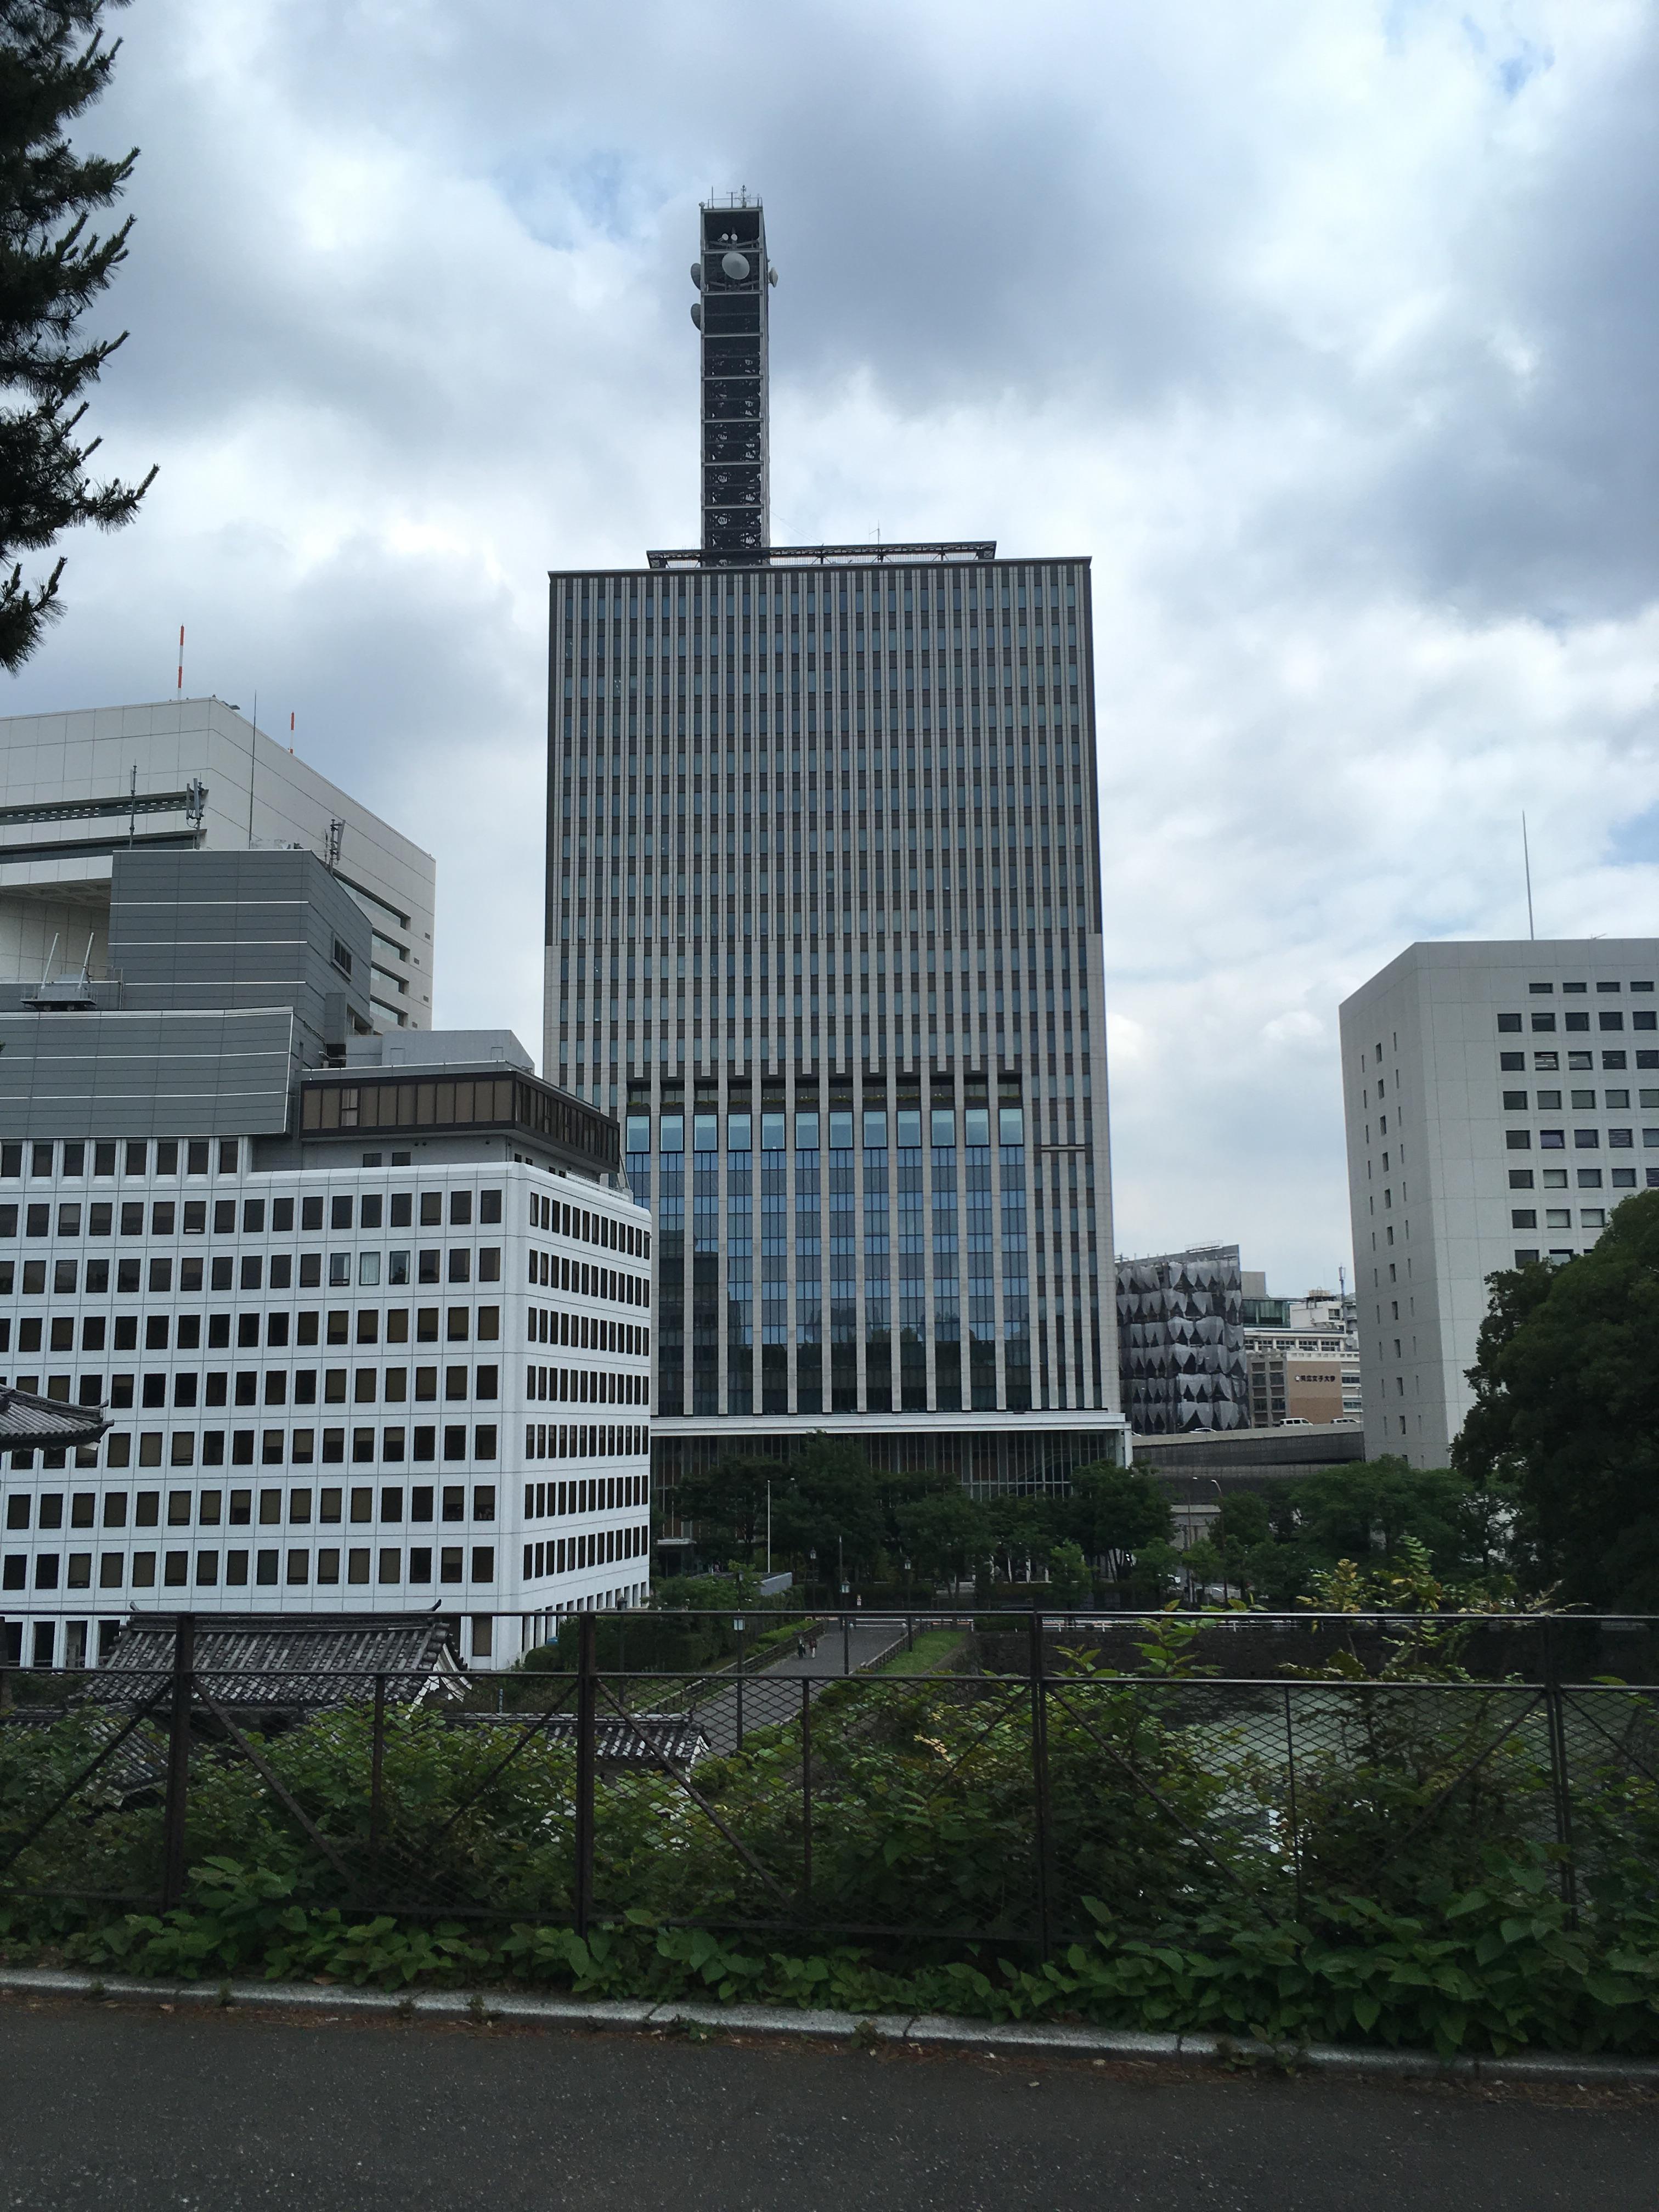 清水門内階段(Toilets)から千代田区役所方面を望む